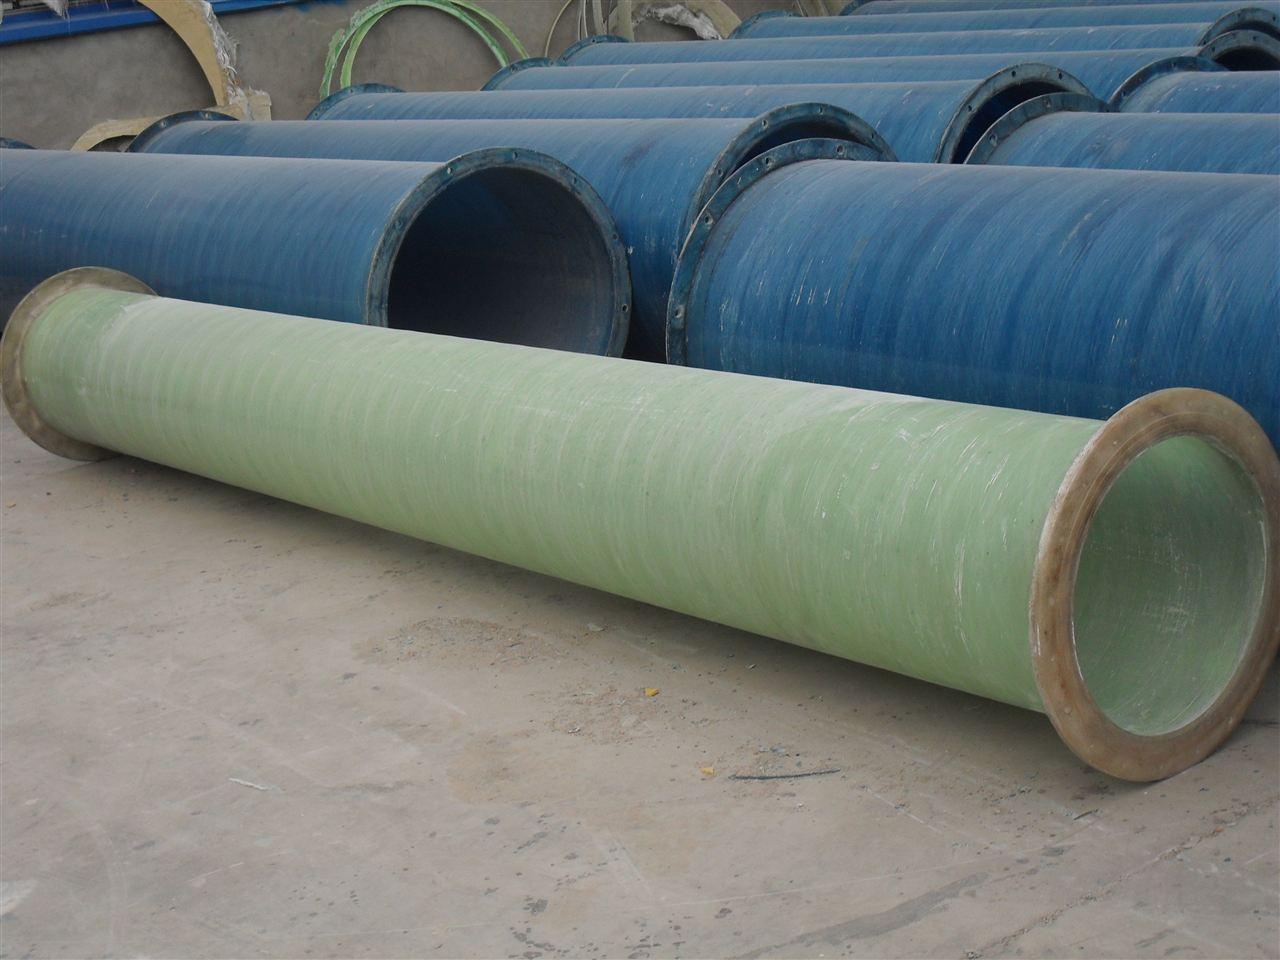 ?絕緣油田用管道 玻璃鋼下有管道 管道